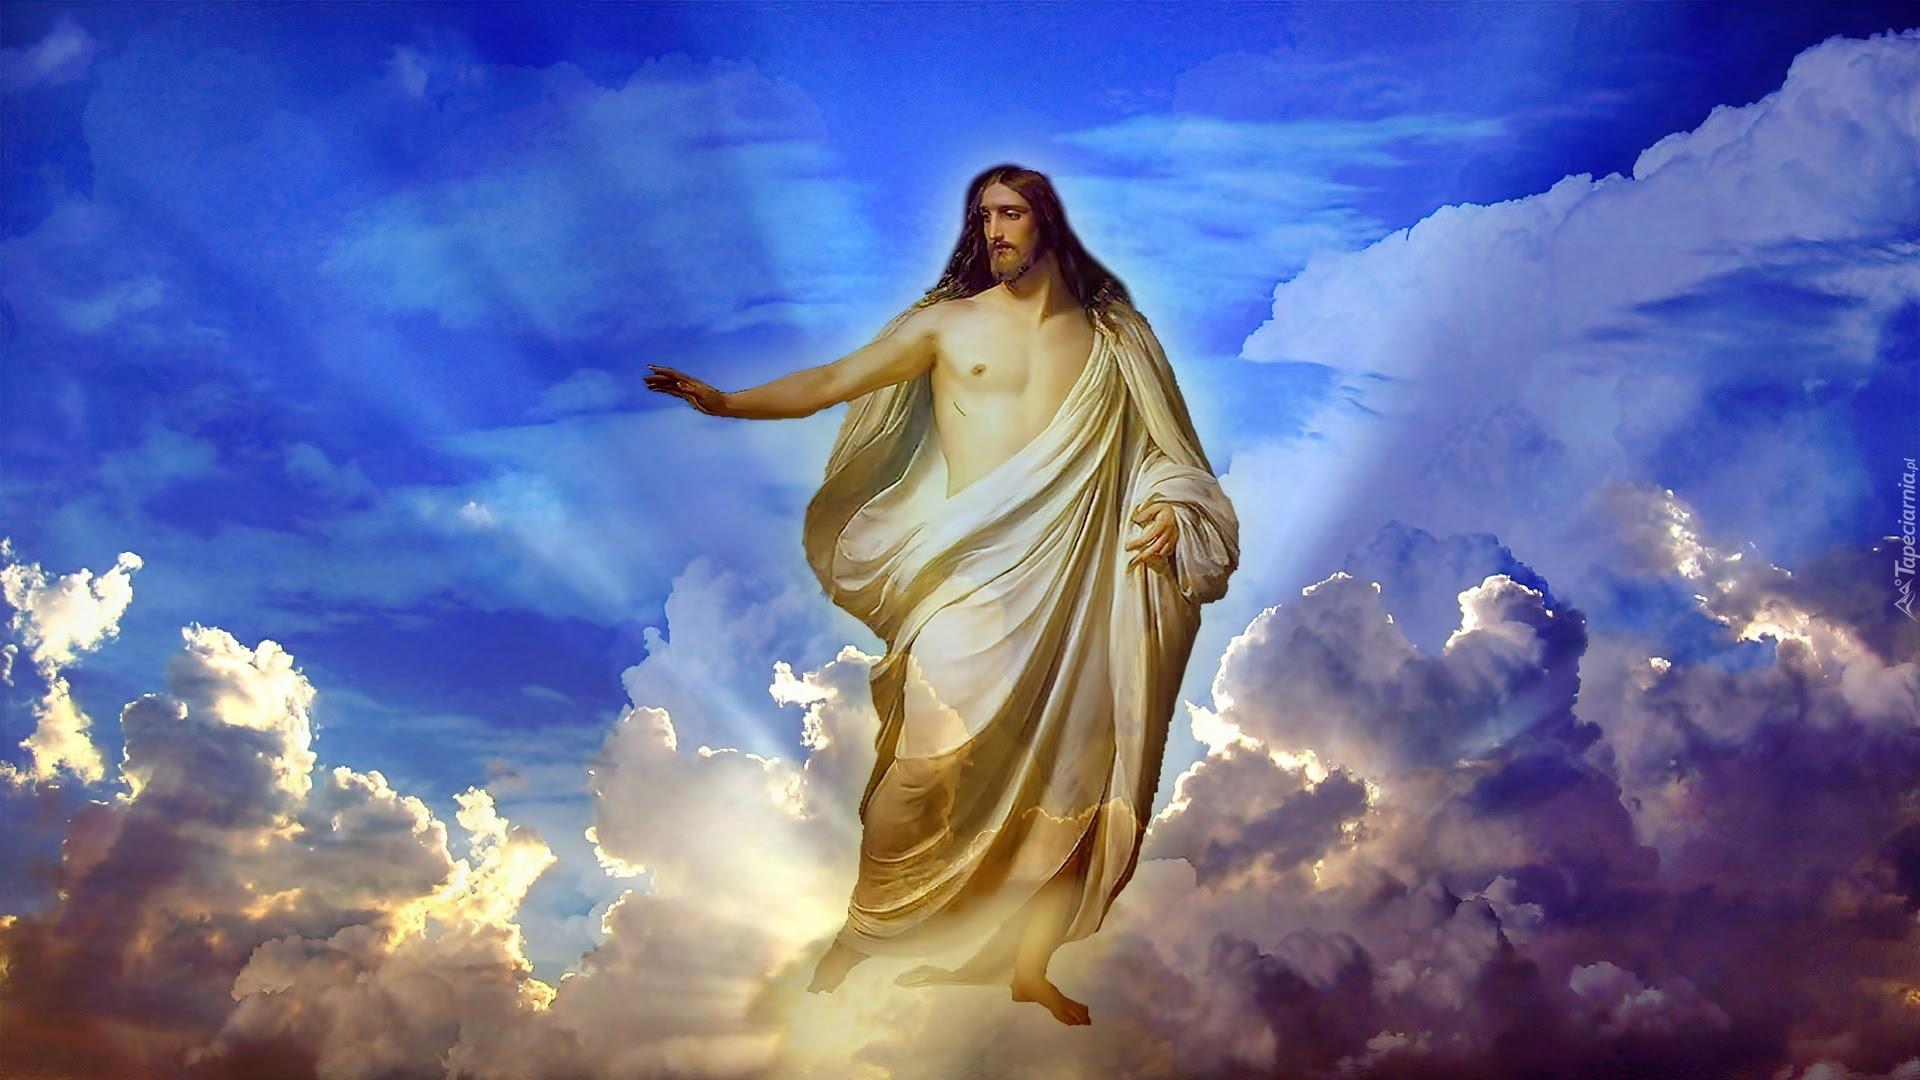 Jezus, Chmury, Promienie, Światła